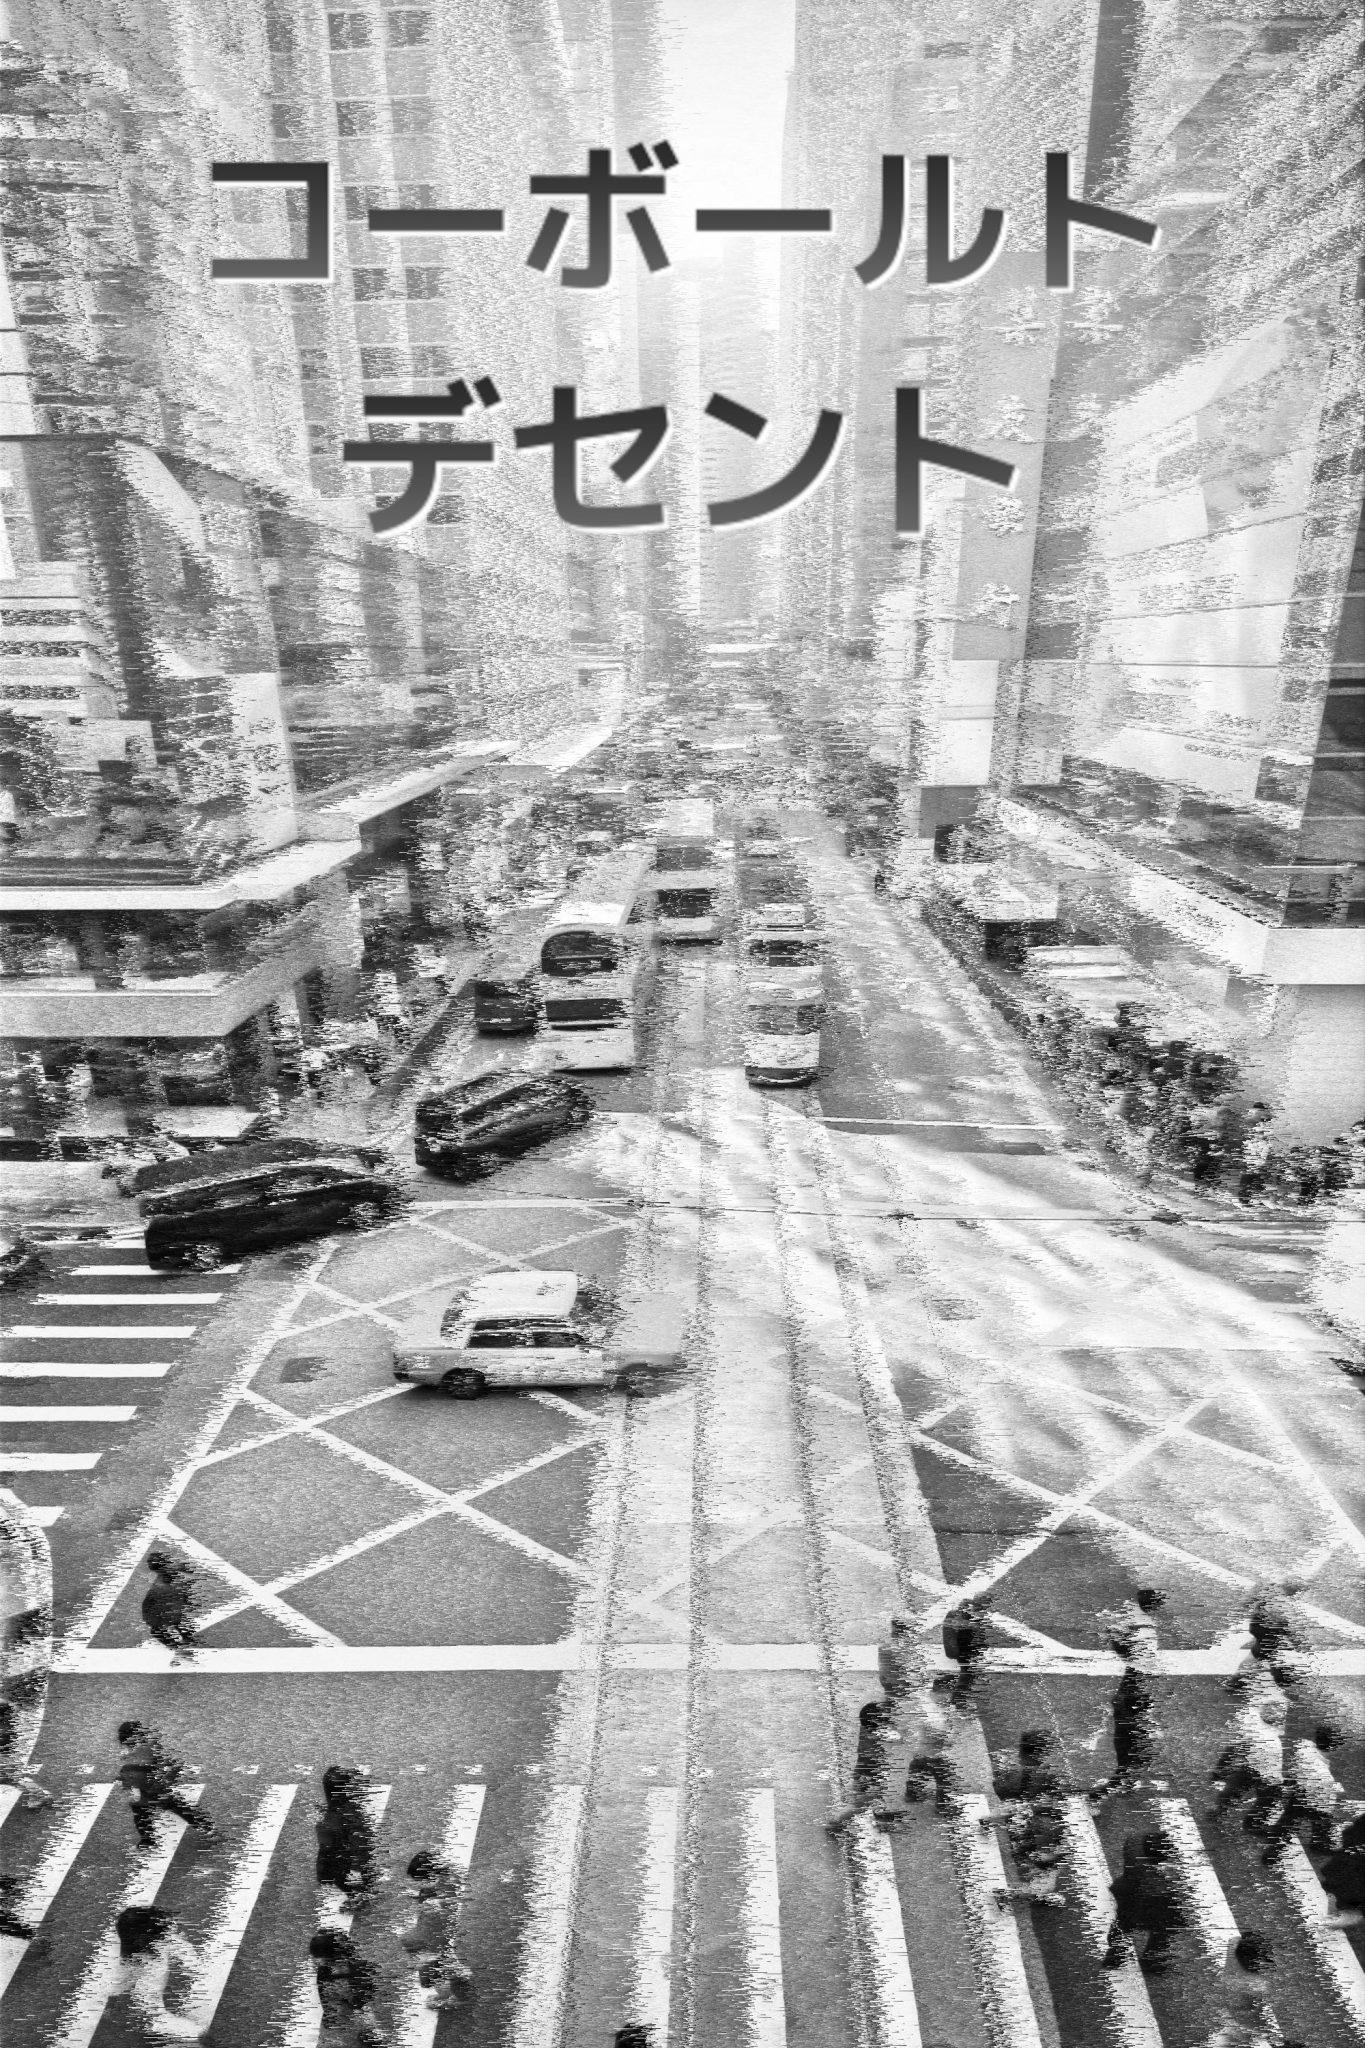 Shell Heaven//Demonstration 𝑏𝑦 Alvin Wong